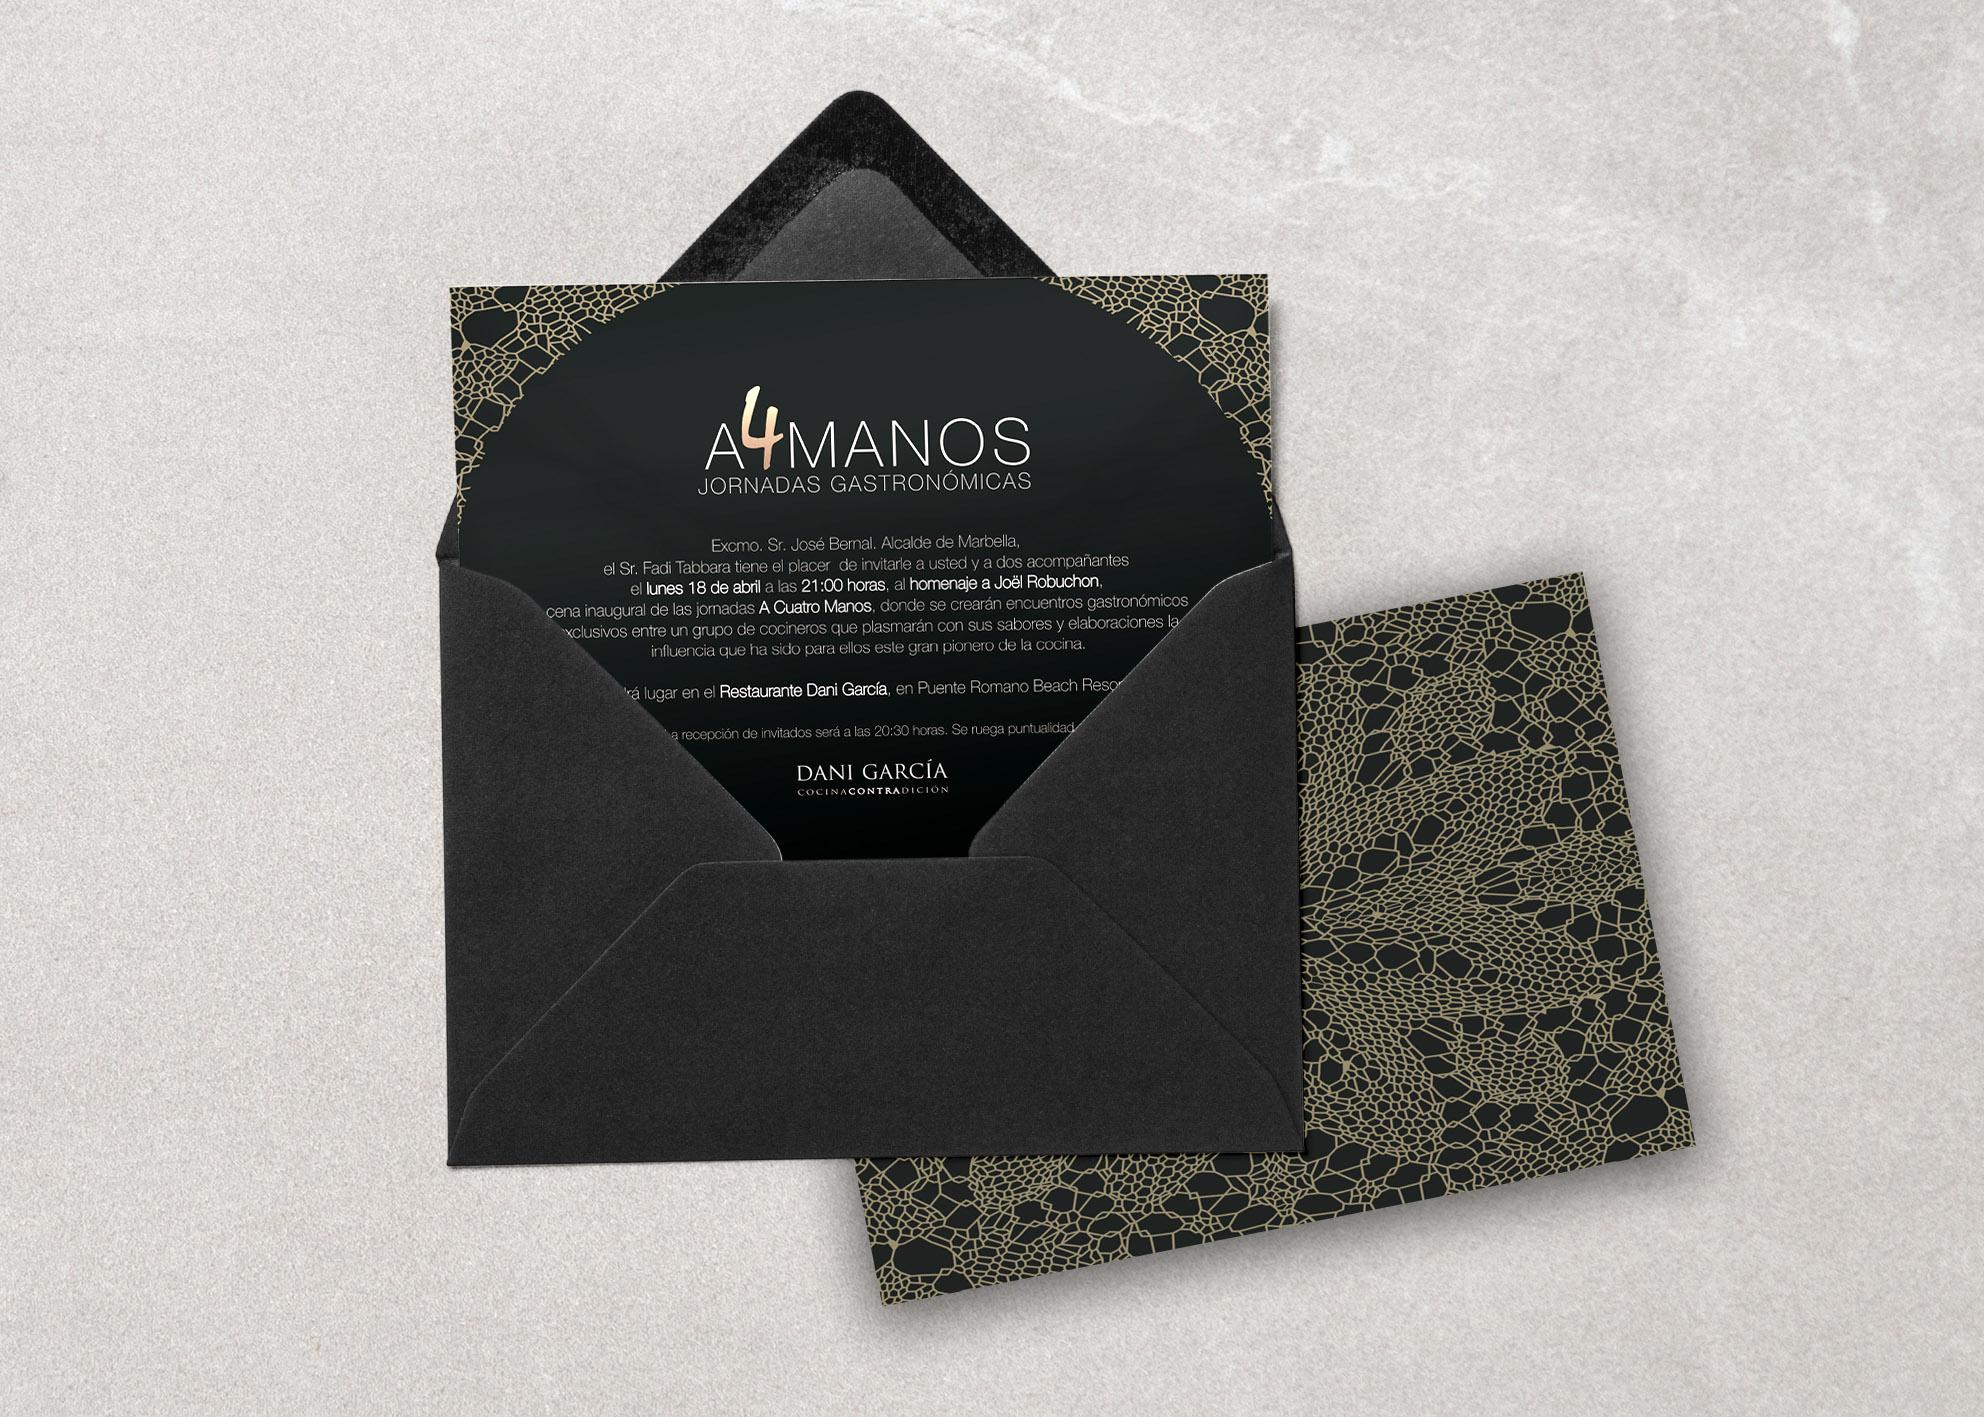 2-invitacion_a4manos2